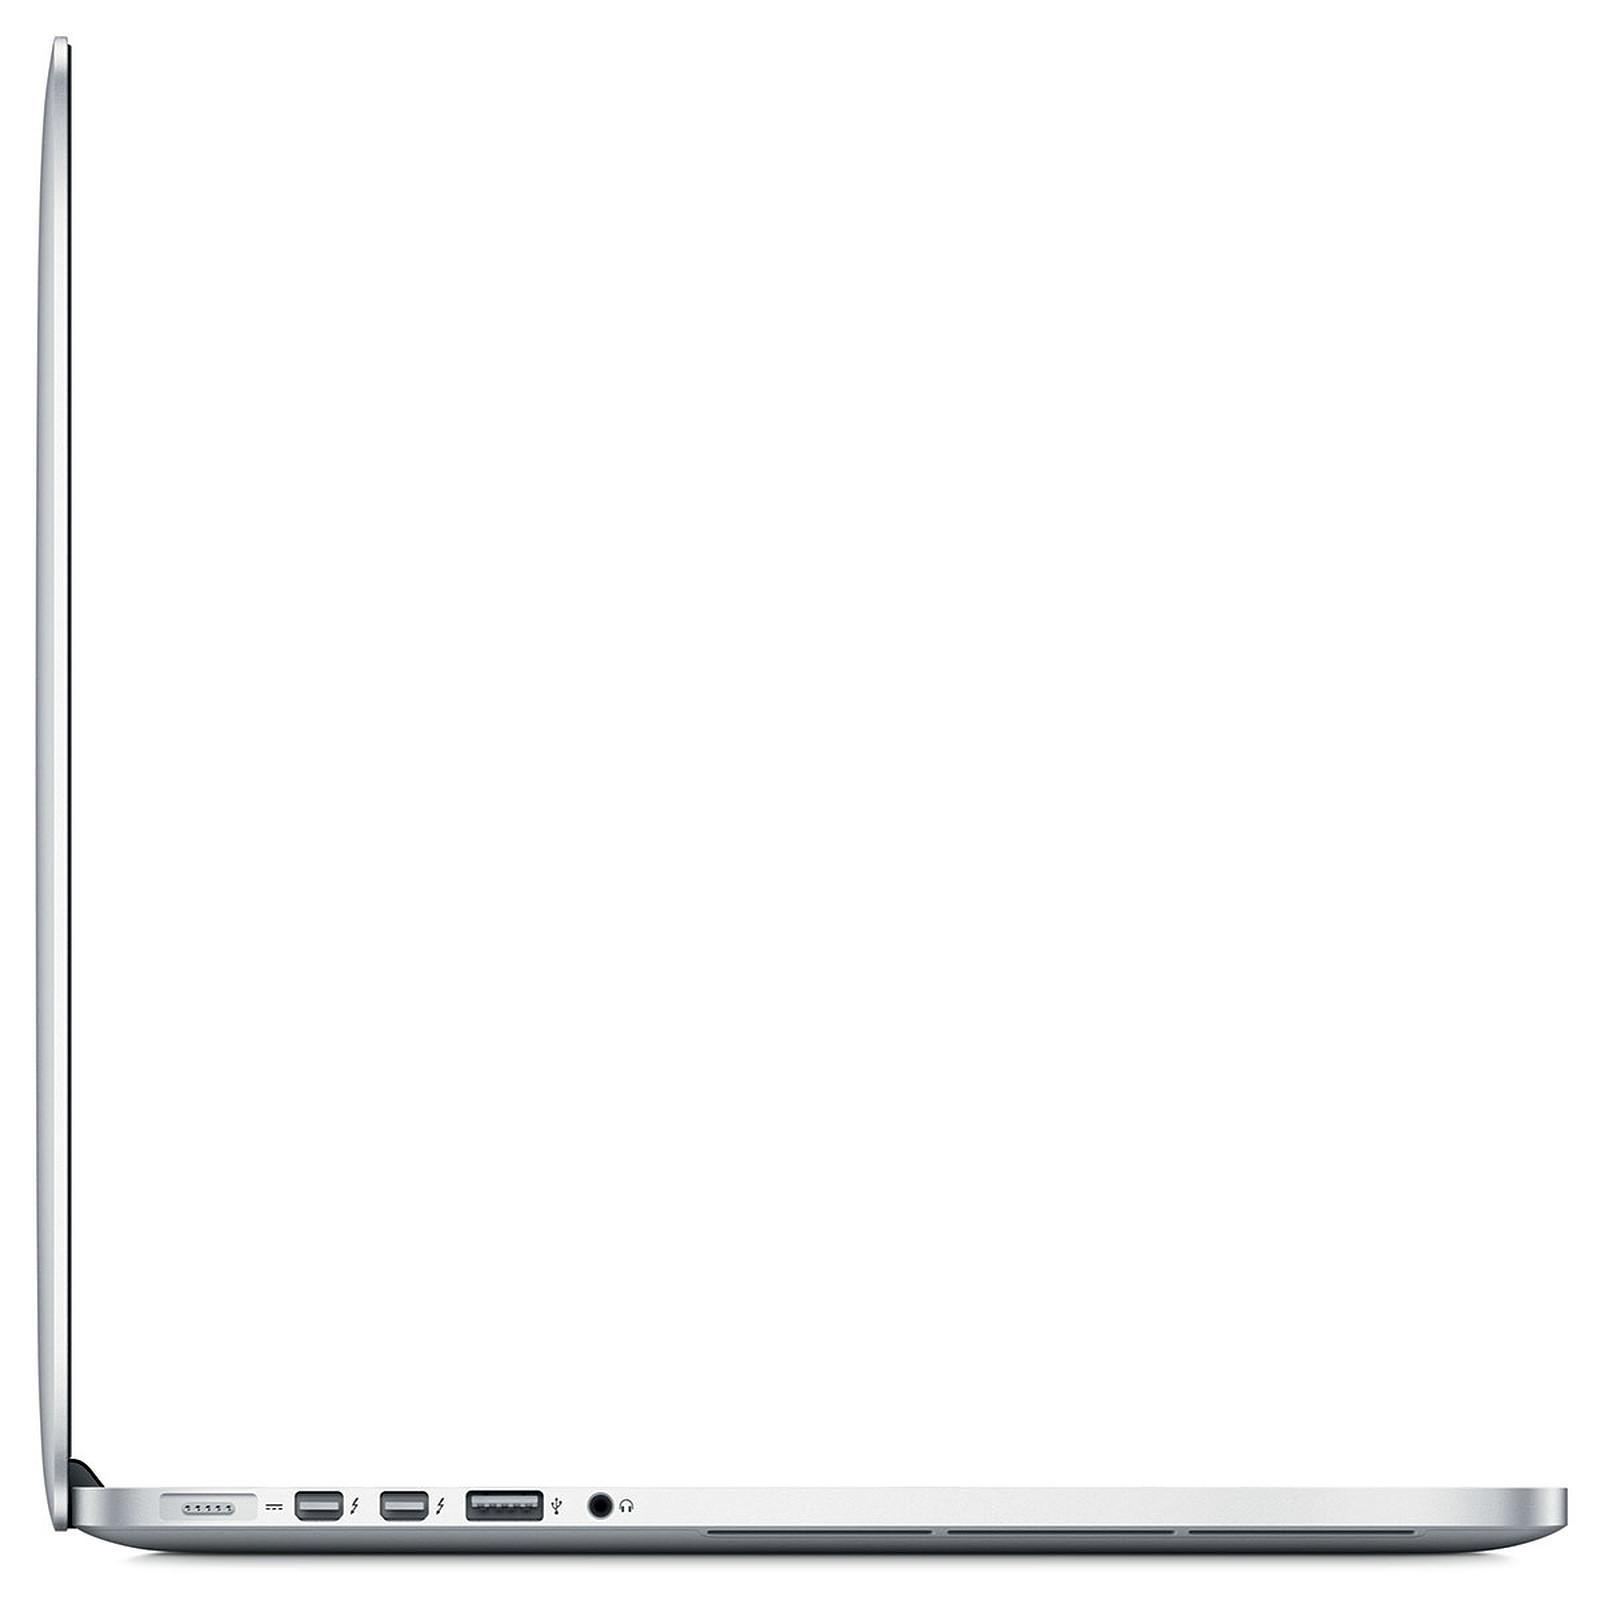 MacBook Pro Retina 15,4-tum (2013) - Core i7 - 16GB - SSD 500 GB QWERTY - Engelska (Storbritannien)